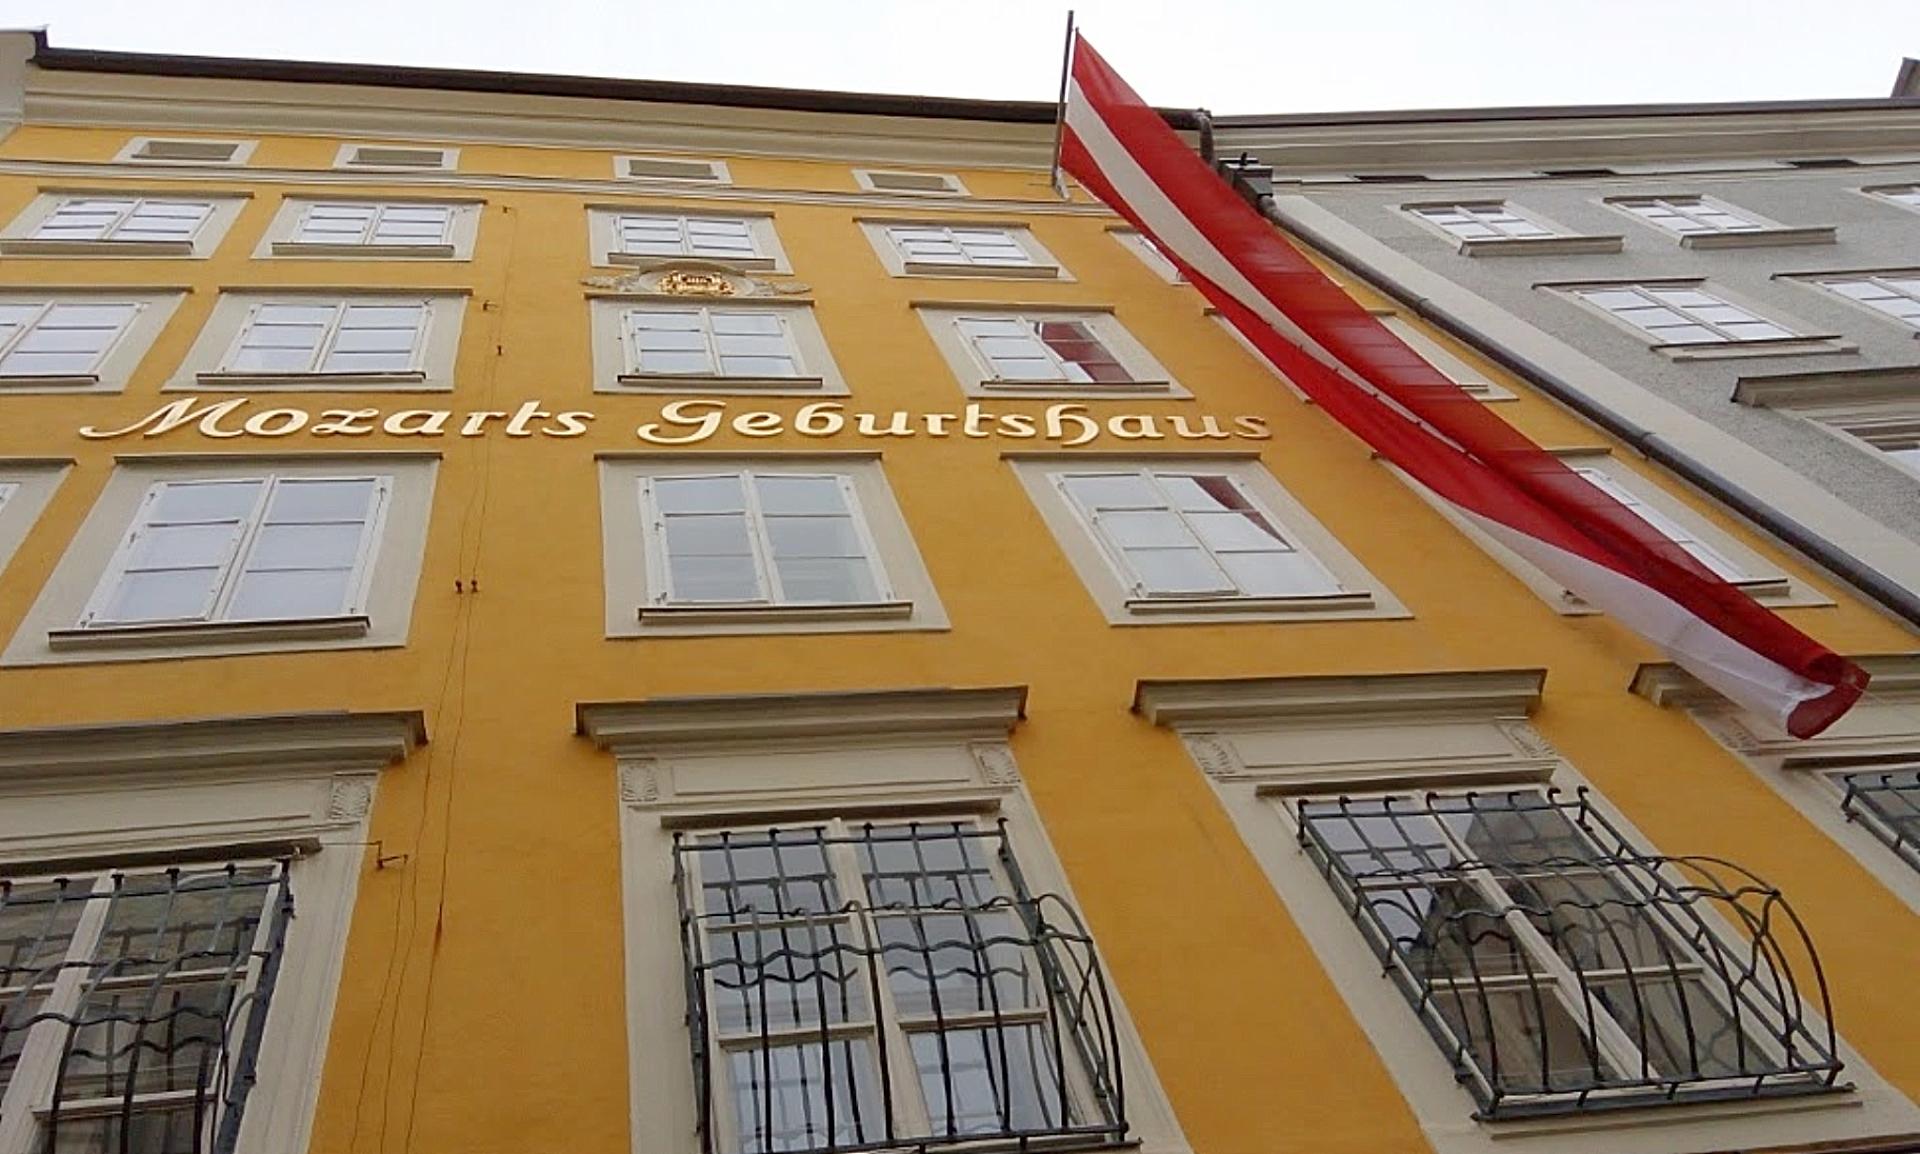 Fachada da casa em que Mozart nasceu, em Salzburgo, na Áustria. Foto: Carolina Werneck/Gazeta do Povo